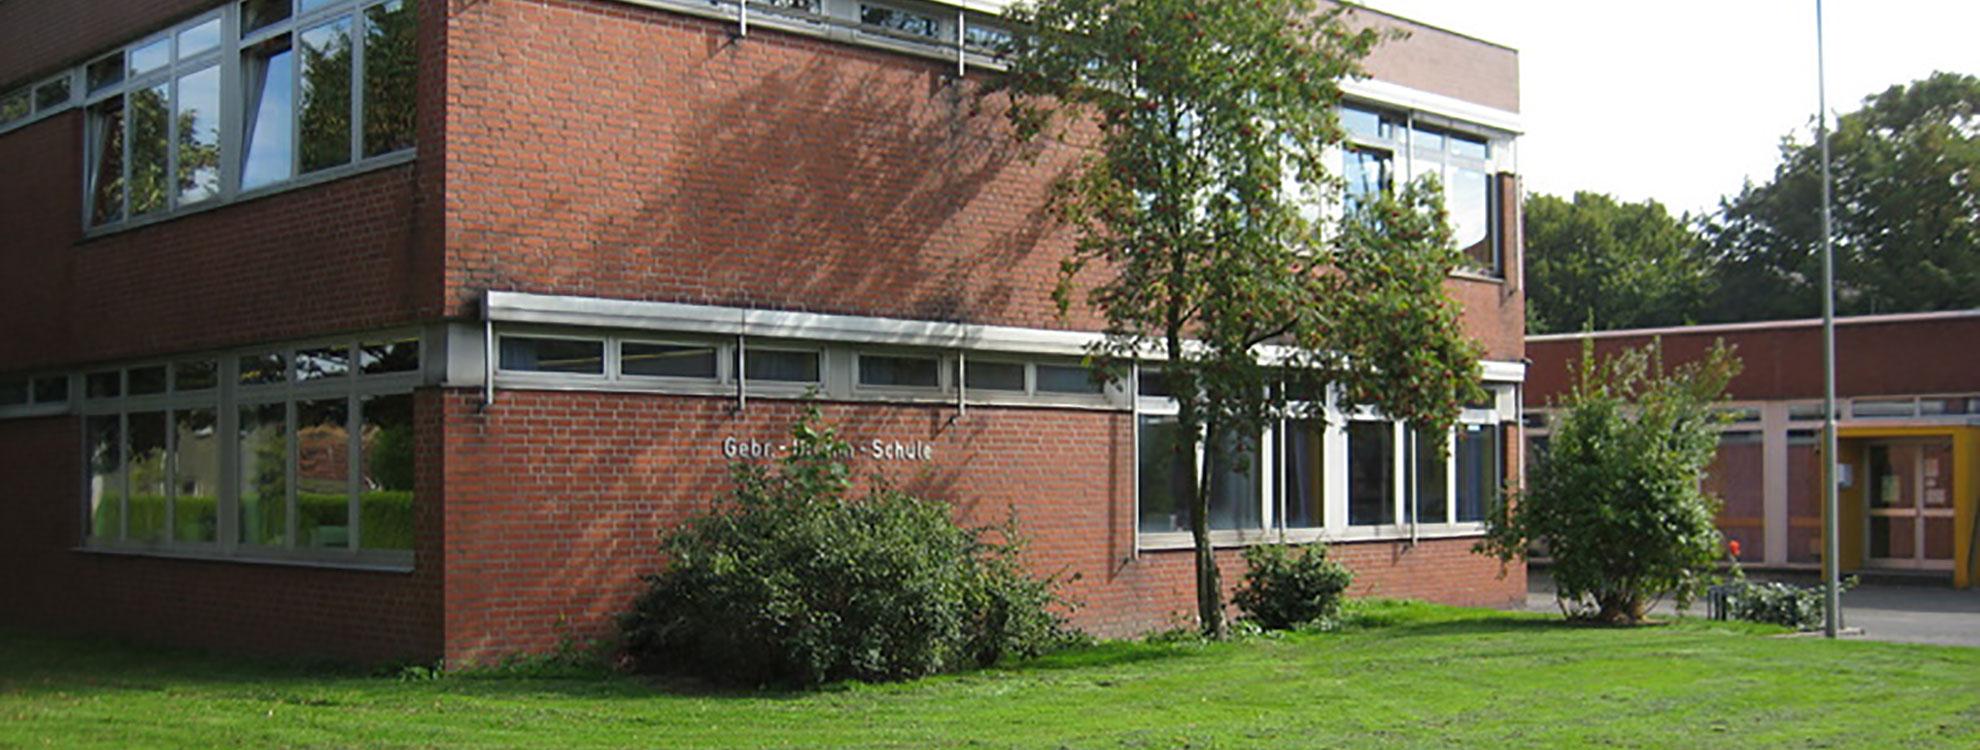 Gebäudeansicht der Gebr.-Grimm-Schule in Hamm.